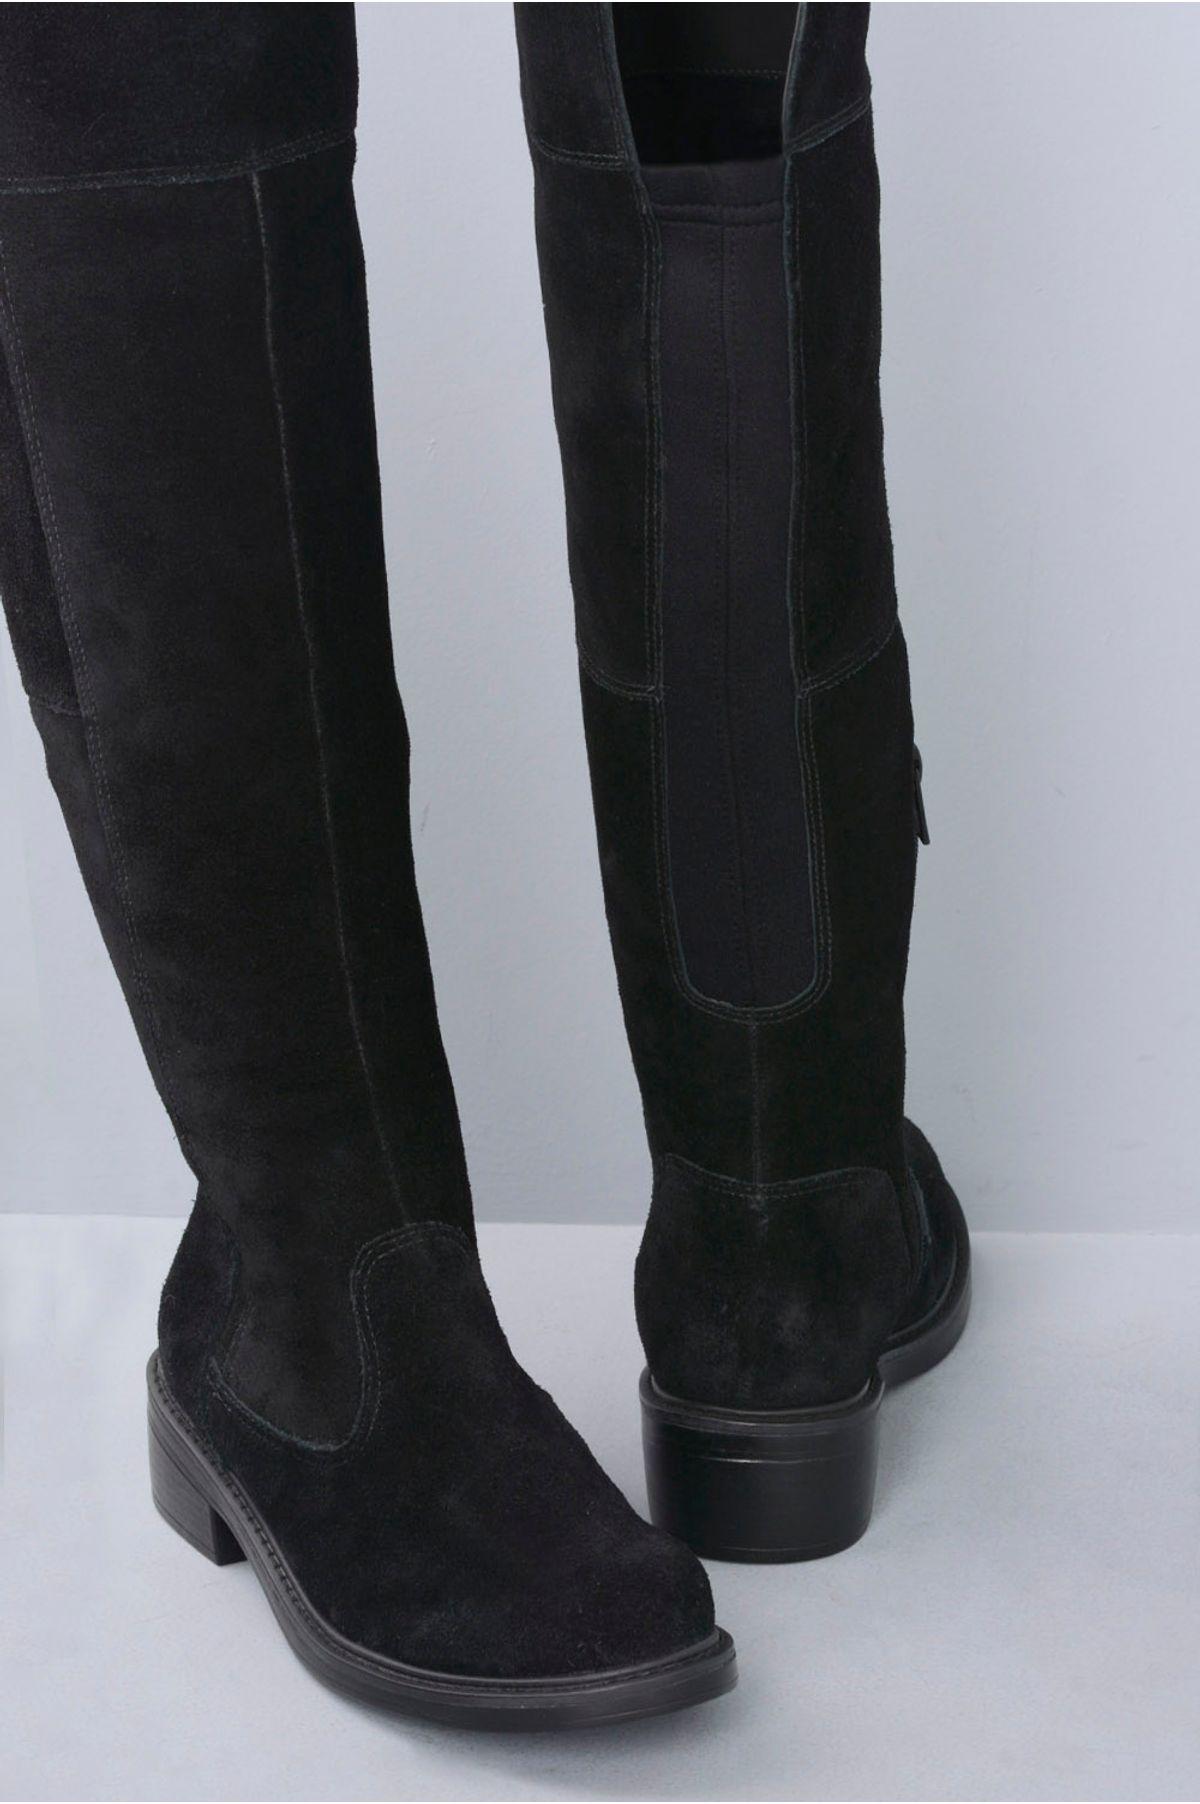 Bota Feminina Cano Longo Kailan Mundial CR-PRETO - Mundial Calçados 7417ec1ff9